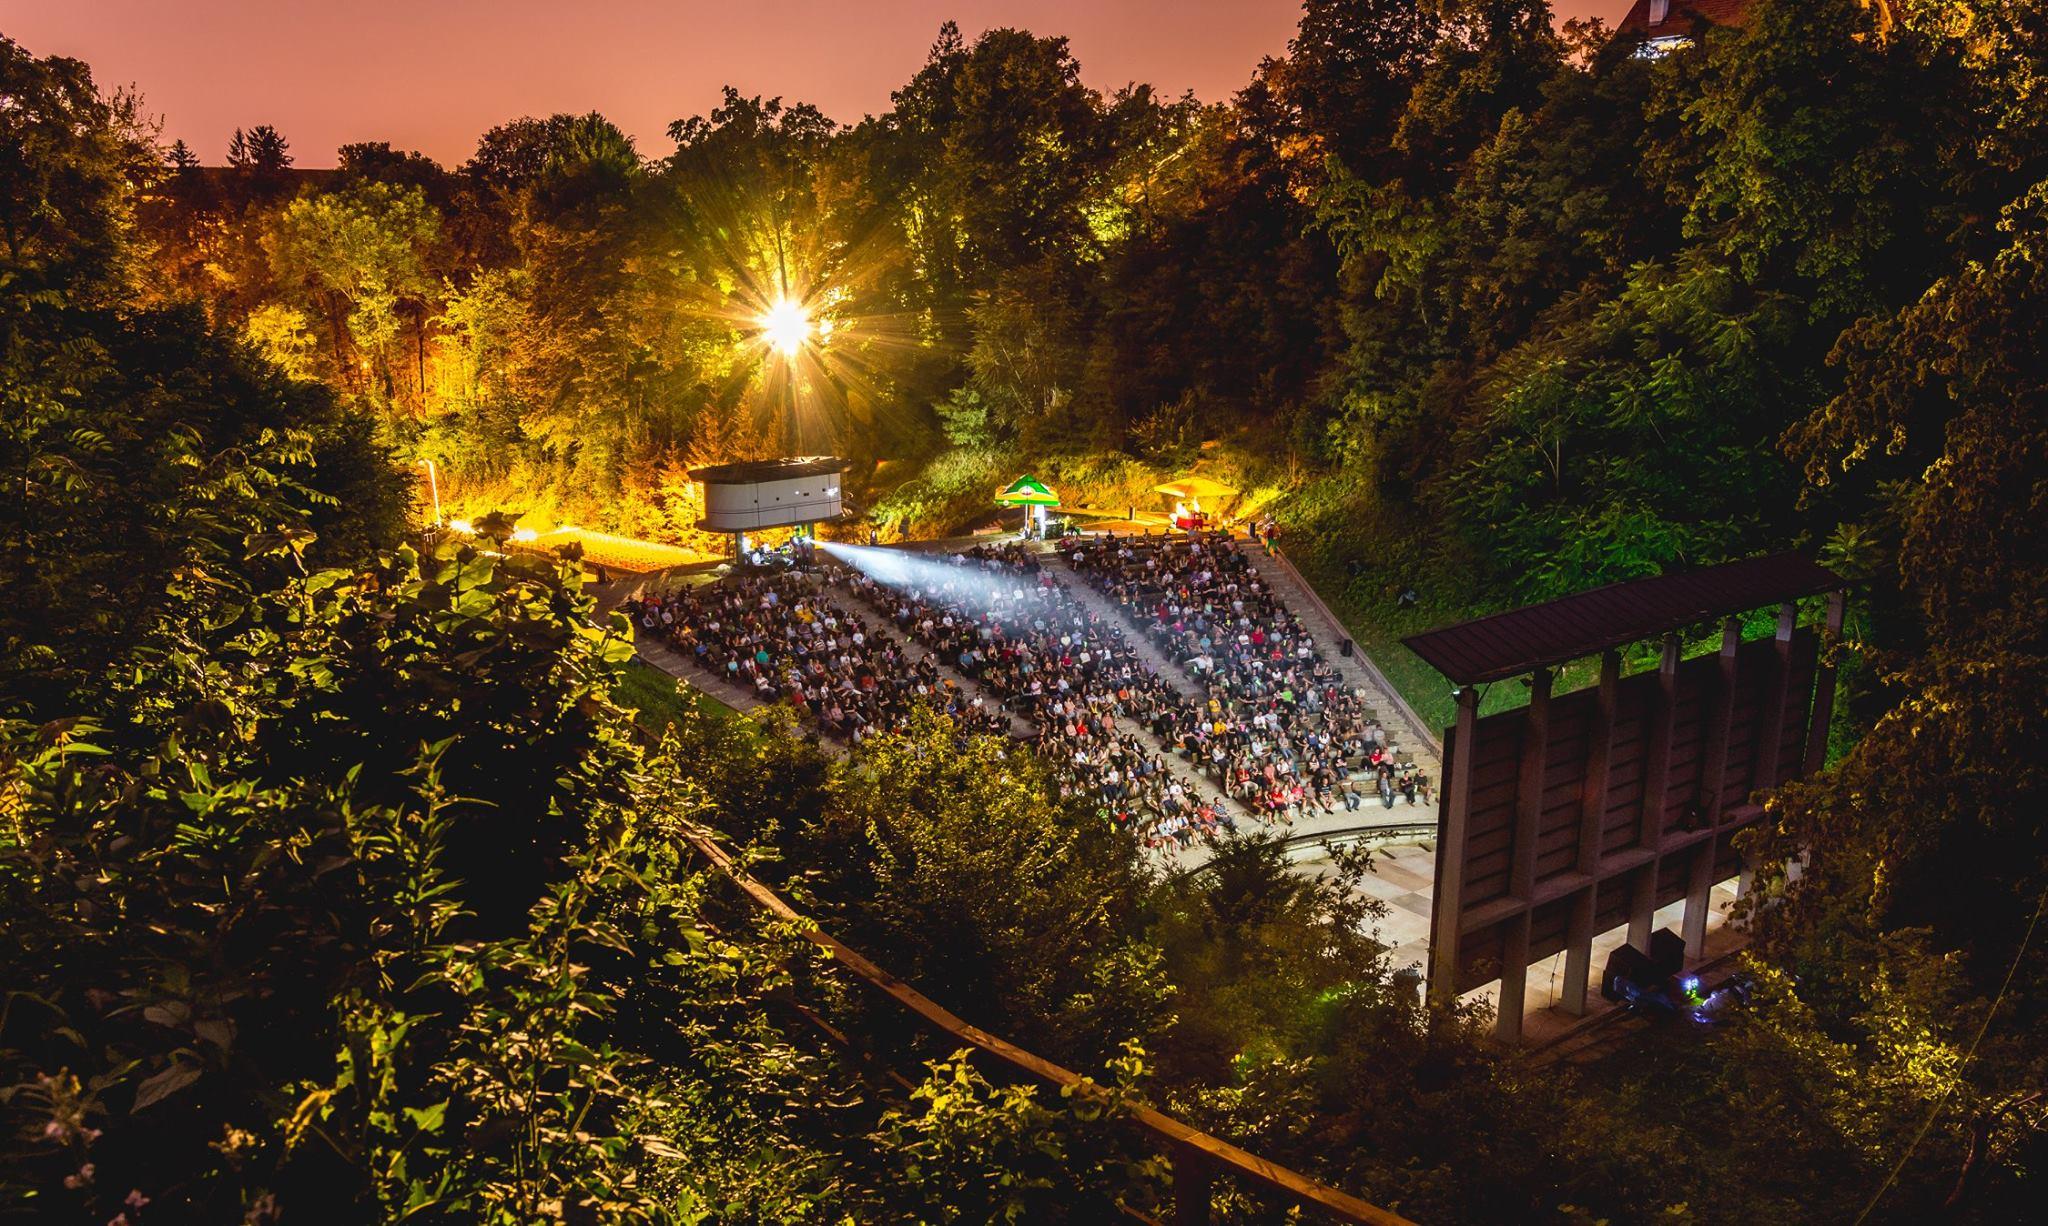 Ljetna pozornica Tuškanac i Kino Tuškanac spremni za 9. izdanje Fantastic Zagreb Film Festivala!